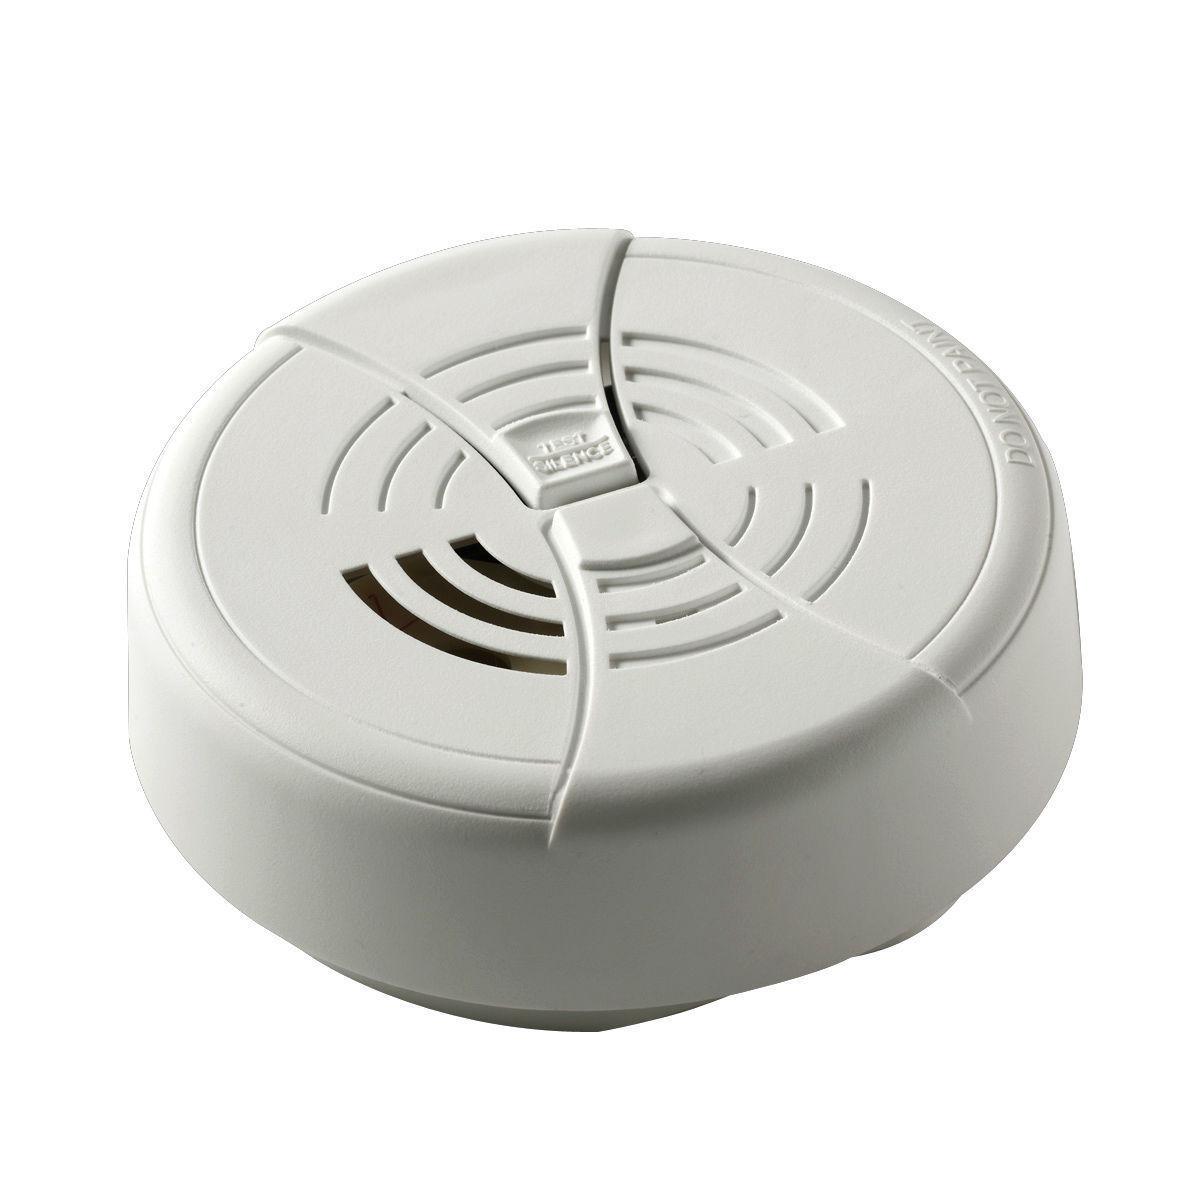 Smoke Detectors Similar Item Michaelieclark Americium Detector Circuit Board And 21 Items S L1600